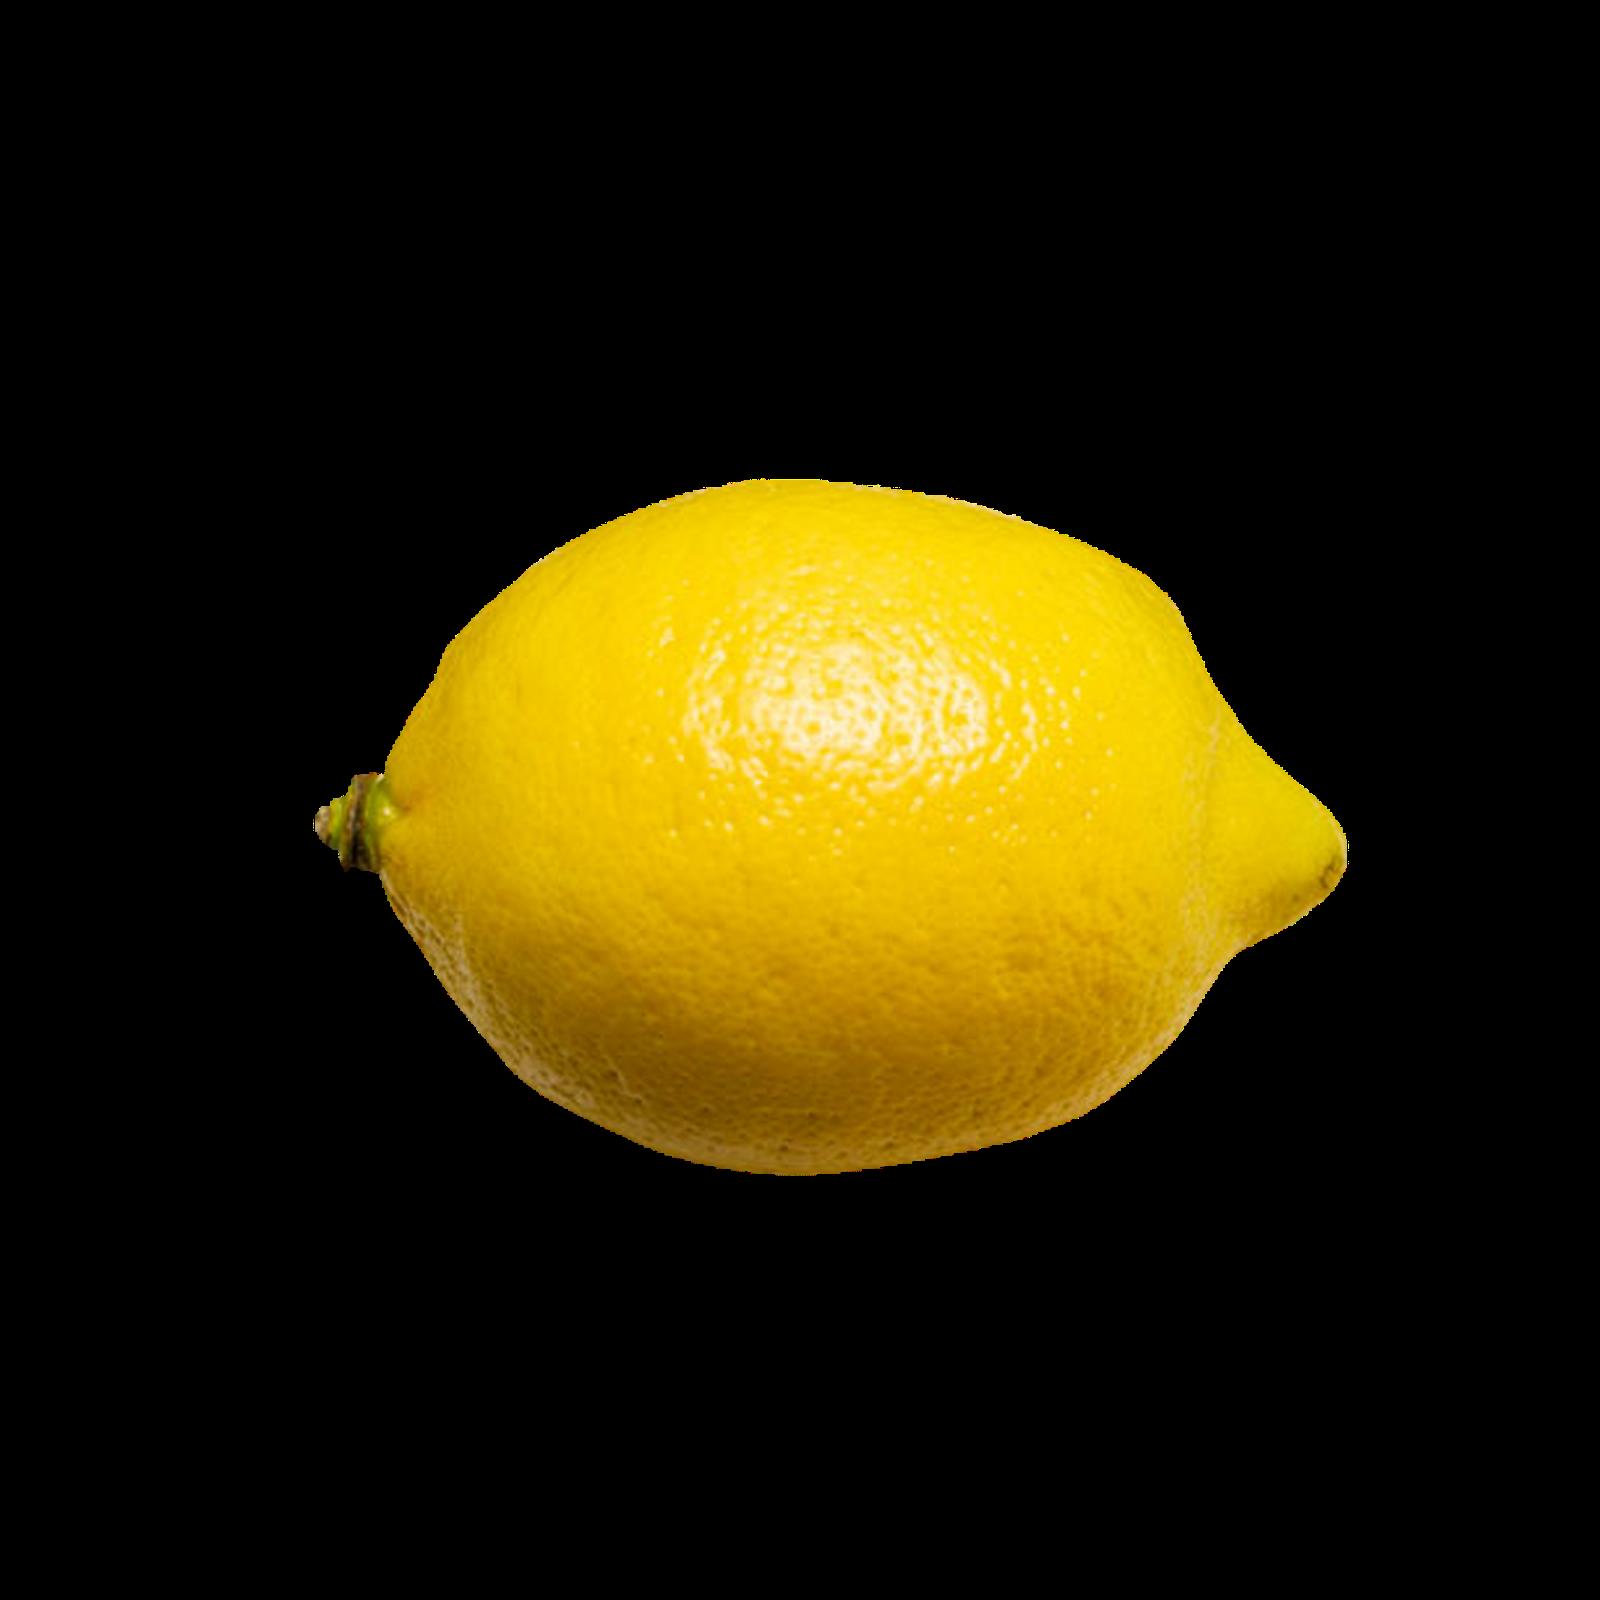 Lemon transparent png pictures. Lemons clipart fruit single